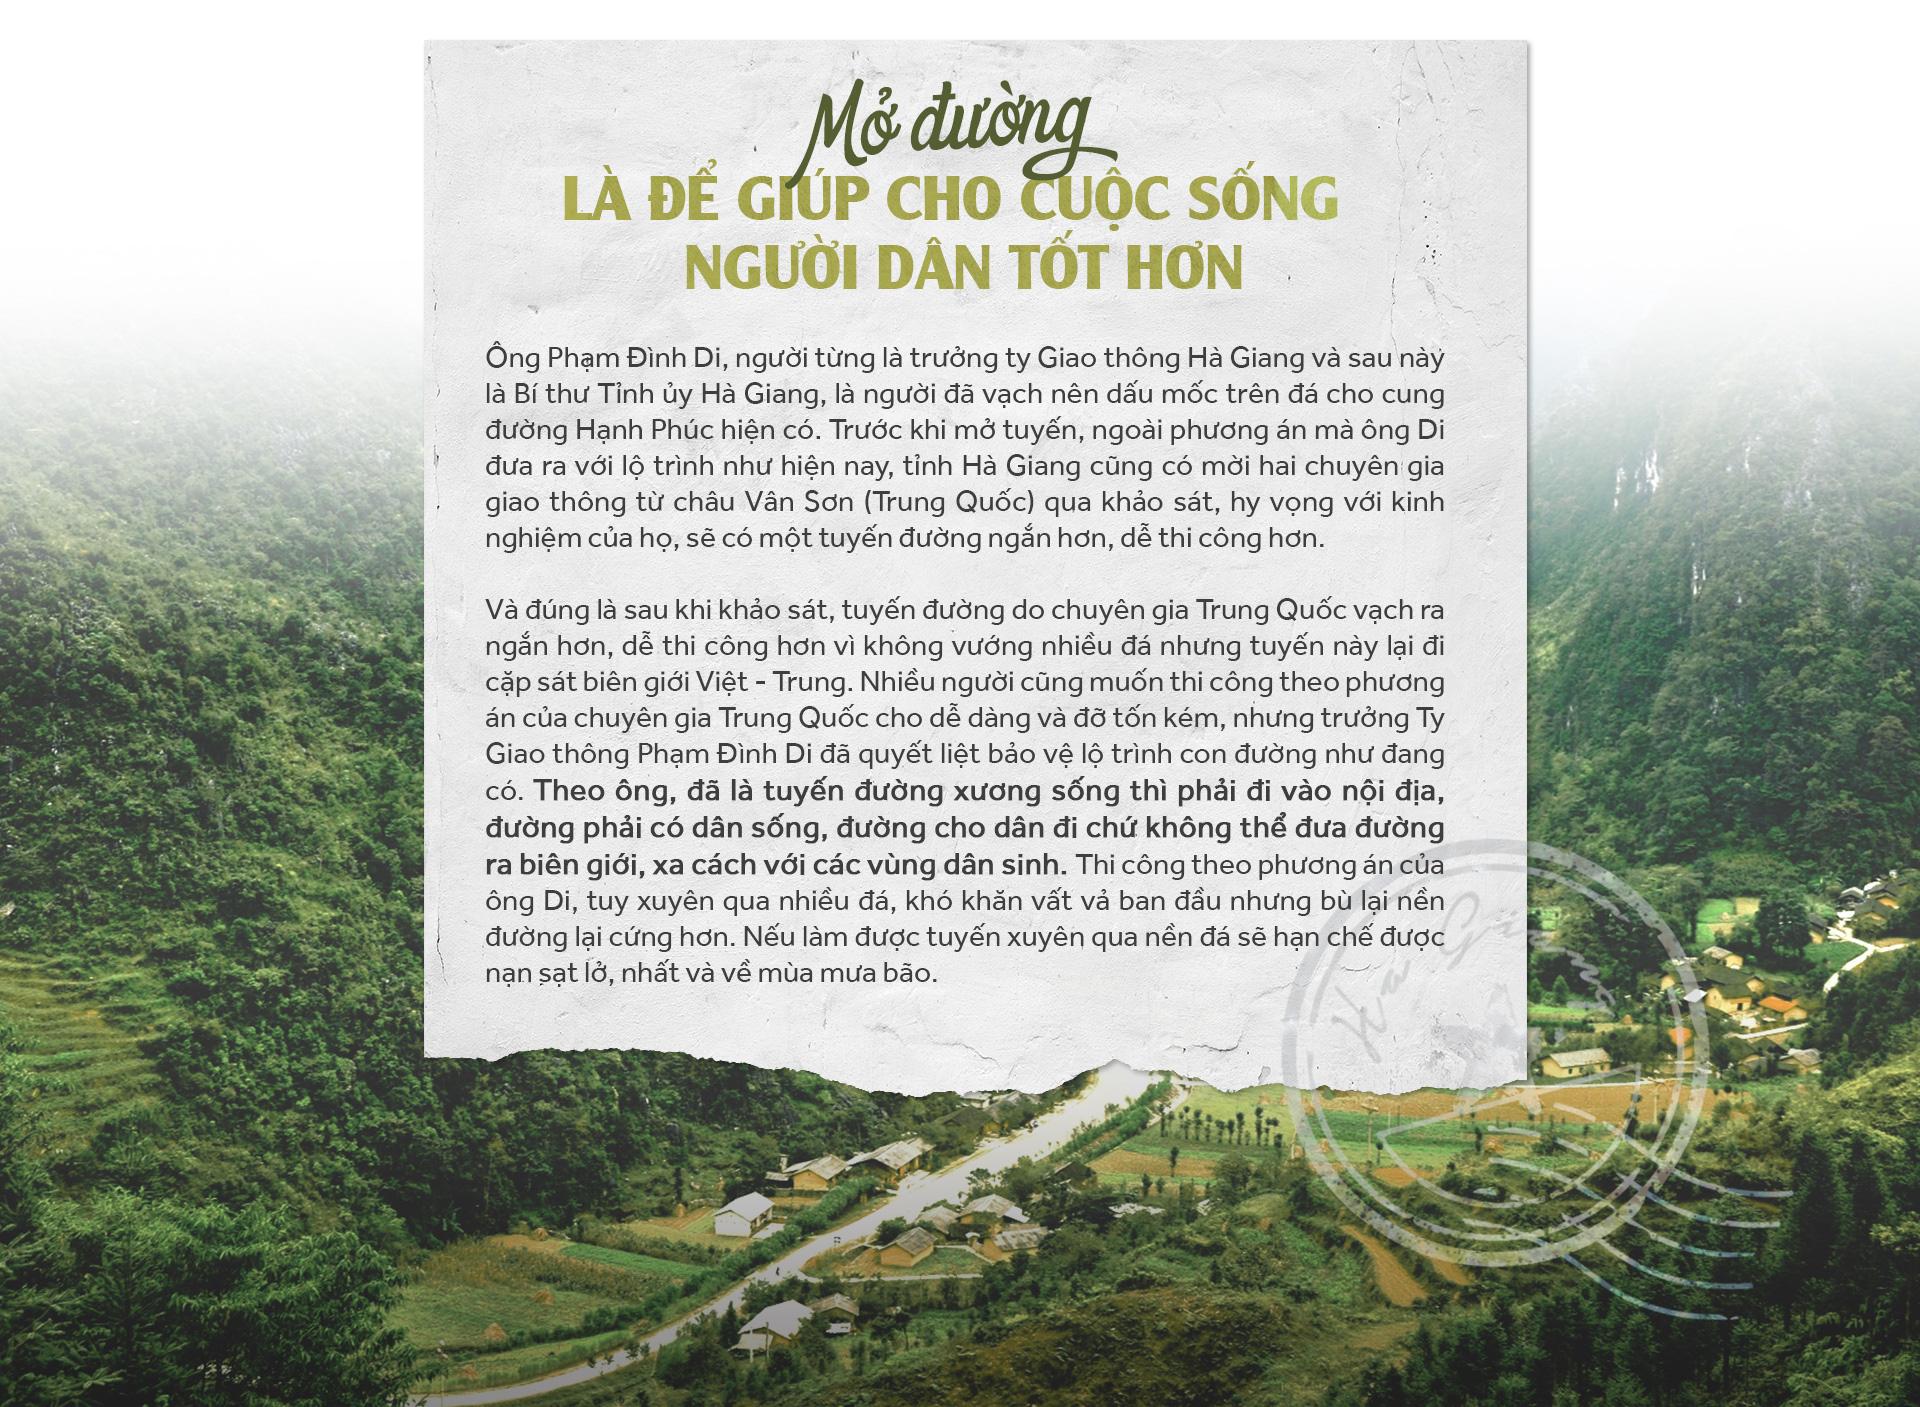 55 năm Cung đường Hạnh Phúc trên trập trùng núi đá Hà Giang - Ảnh 26.